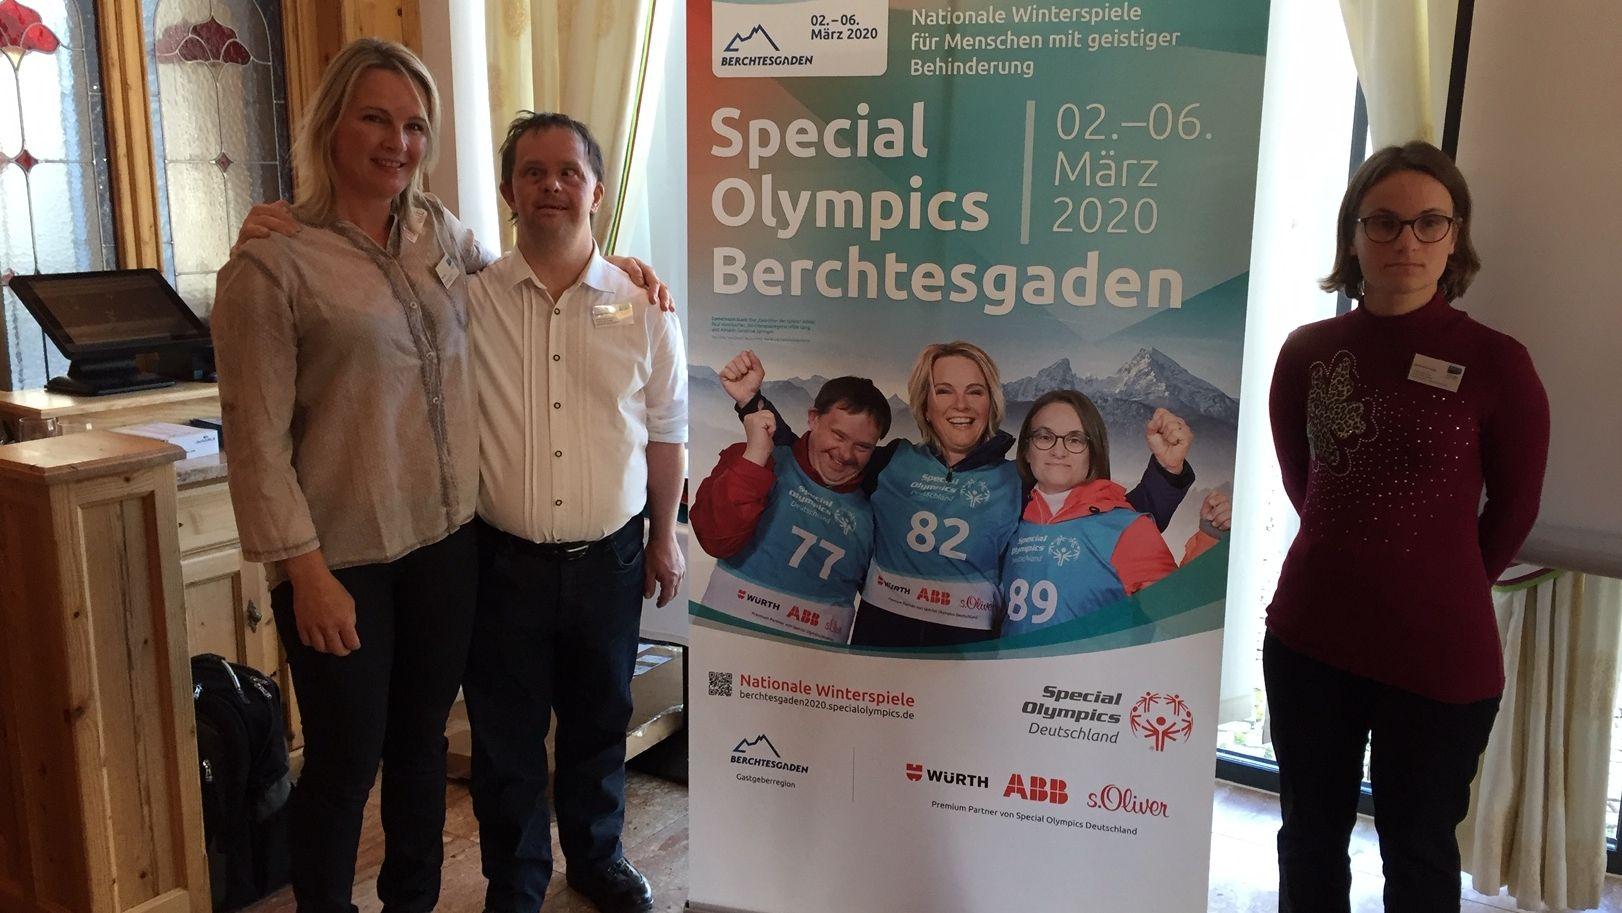 Ski Olympiasiegerin und Weltmeisterin Hilde Gerg, Special Olympics Athlet Paul Wembacher und Special Olympics Athletin Sandine Springer.